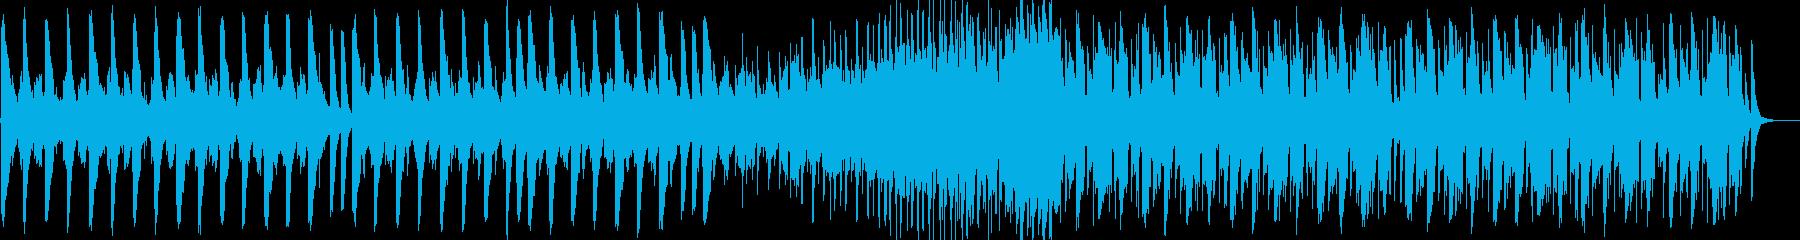 アップテンポのエレクトロミュージックの再生済みの波形